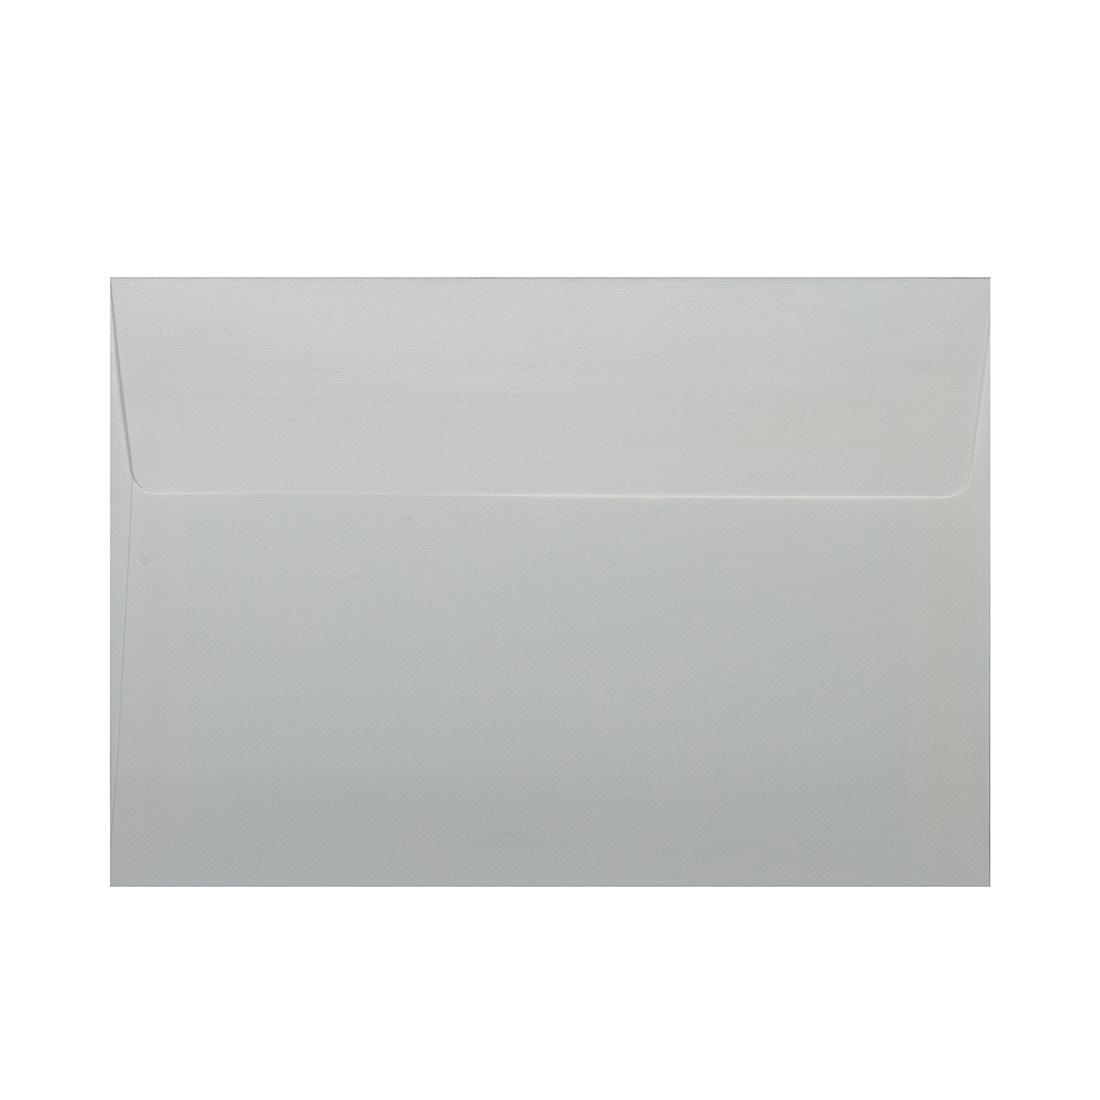 Wysokiej jakości koperty ozdobne - O.Koperta C6 - LEN - 120 g/m² - biały - 10 sztuk